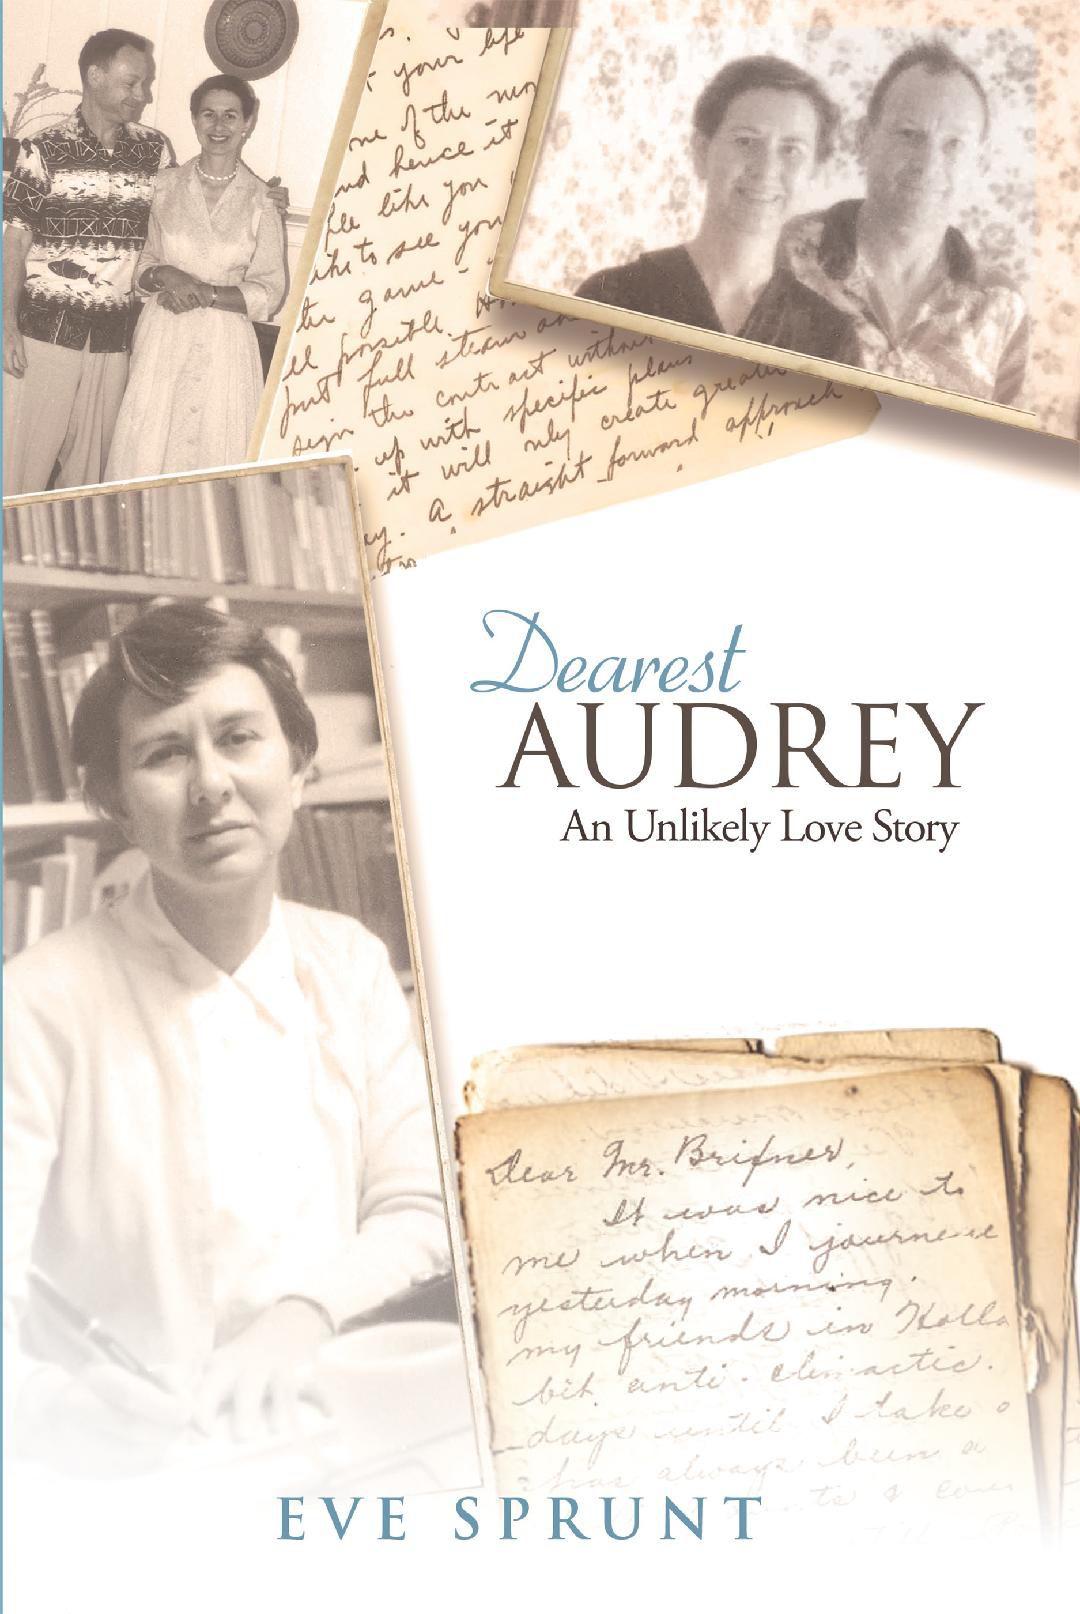 Dearest Audrey